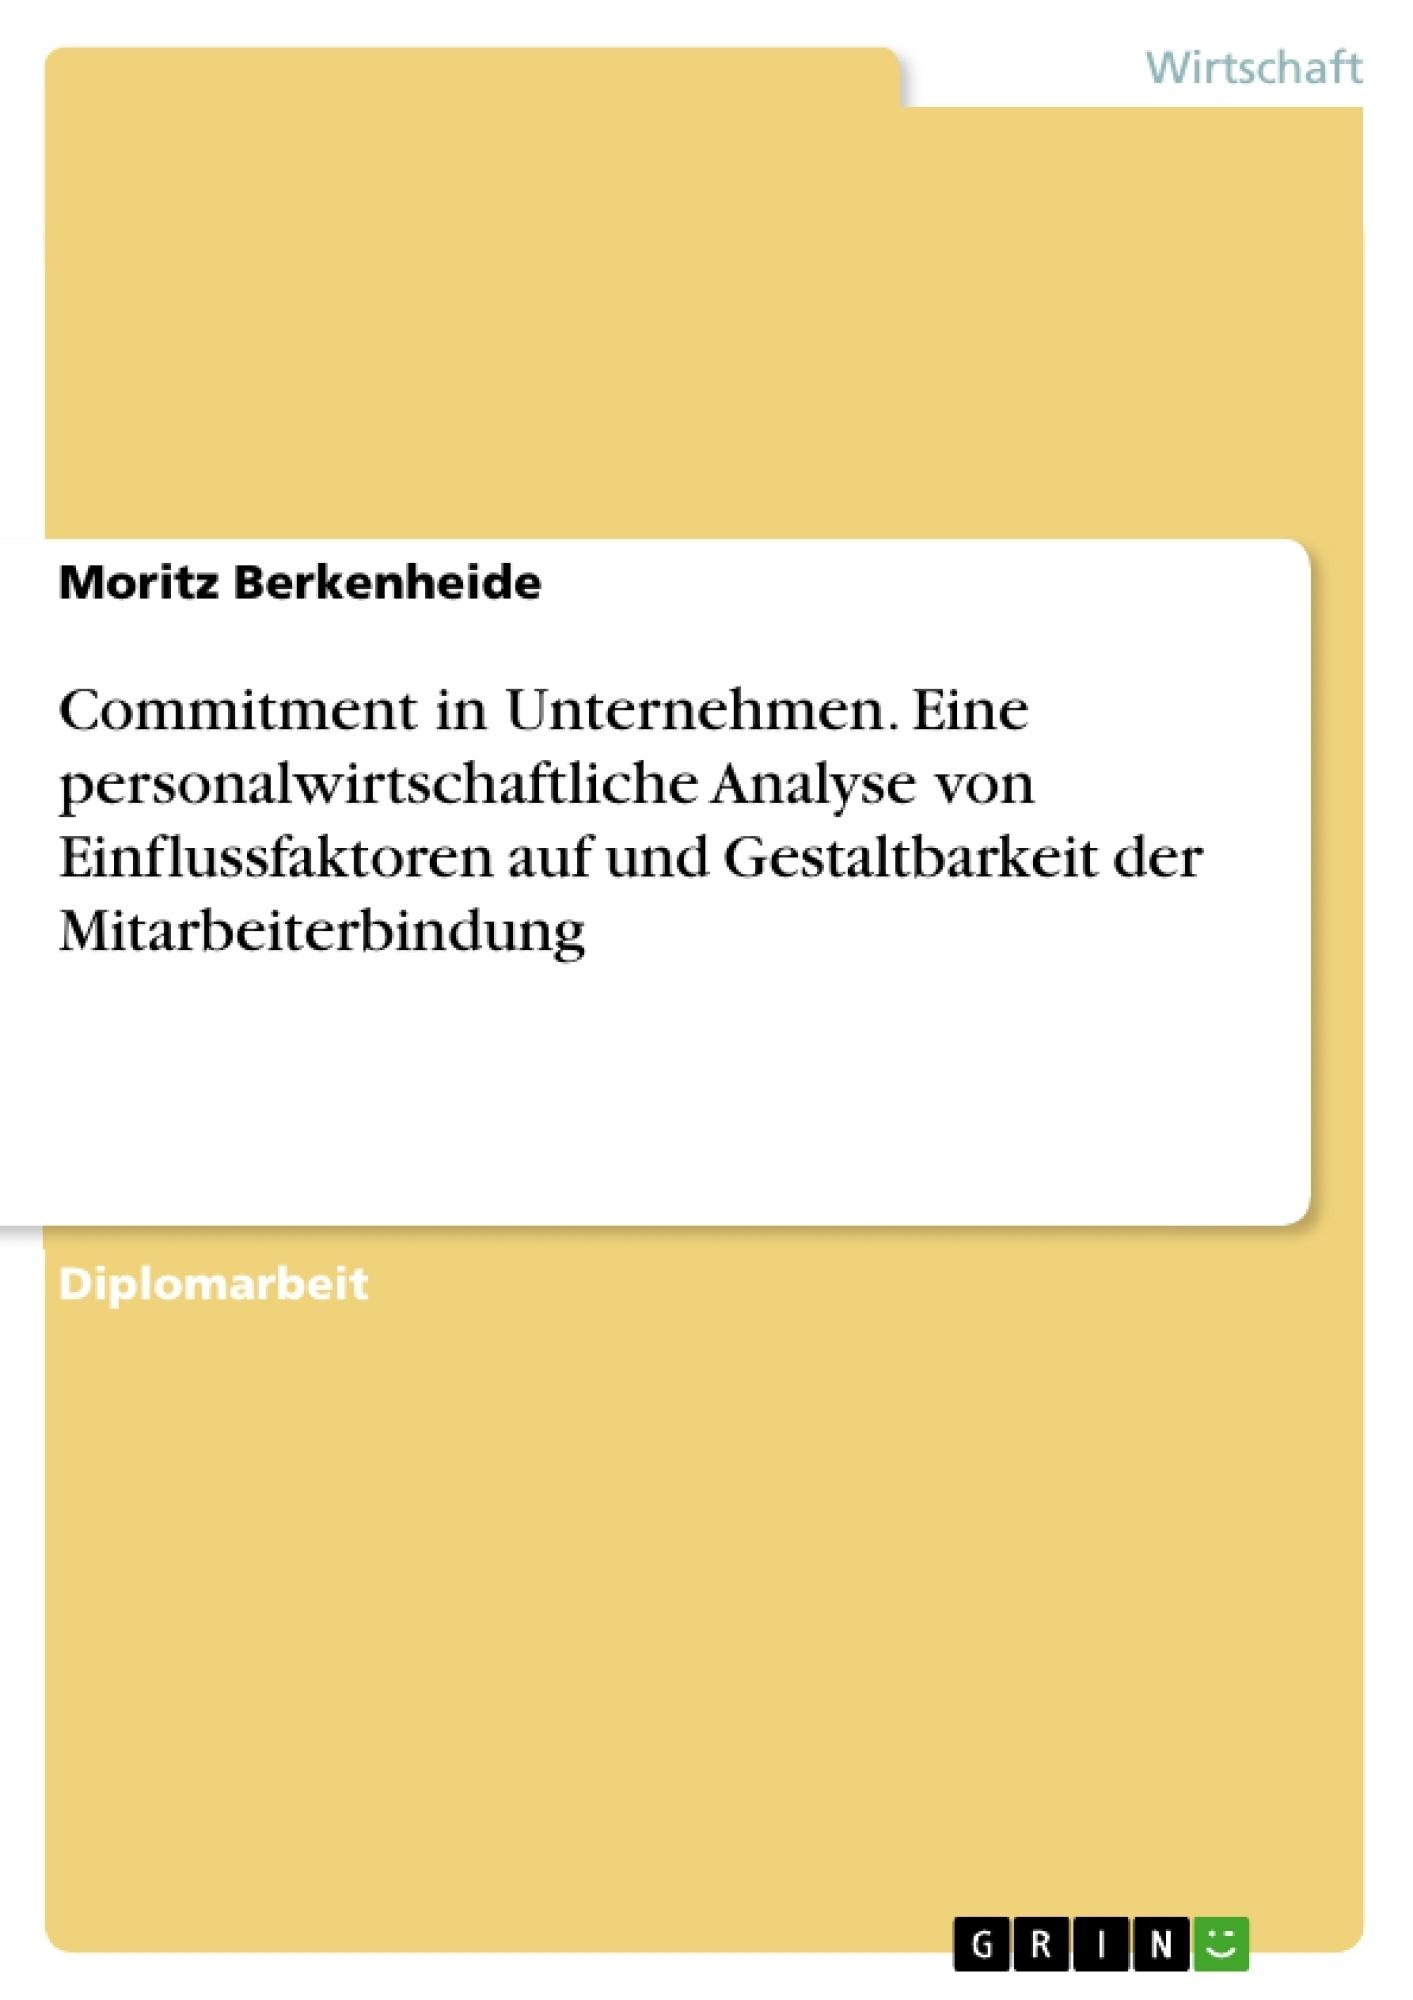 Titel: Commitment in Unternehmen. Eine personalwirtschaftliche Analyse von Einflussfaktoren auf und Gestaltbarkeit der Mitarbeiterbindung